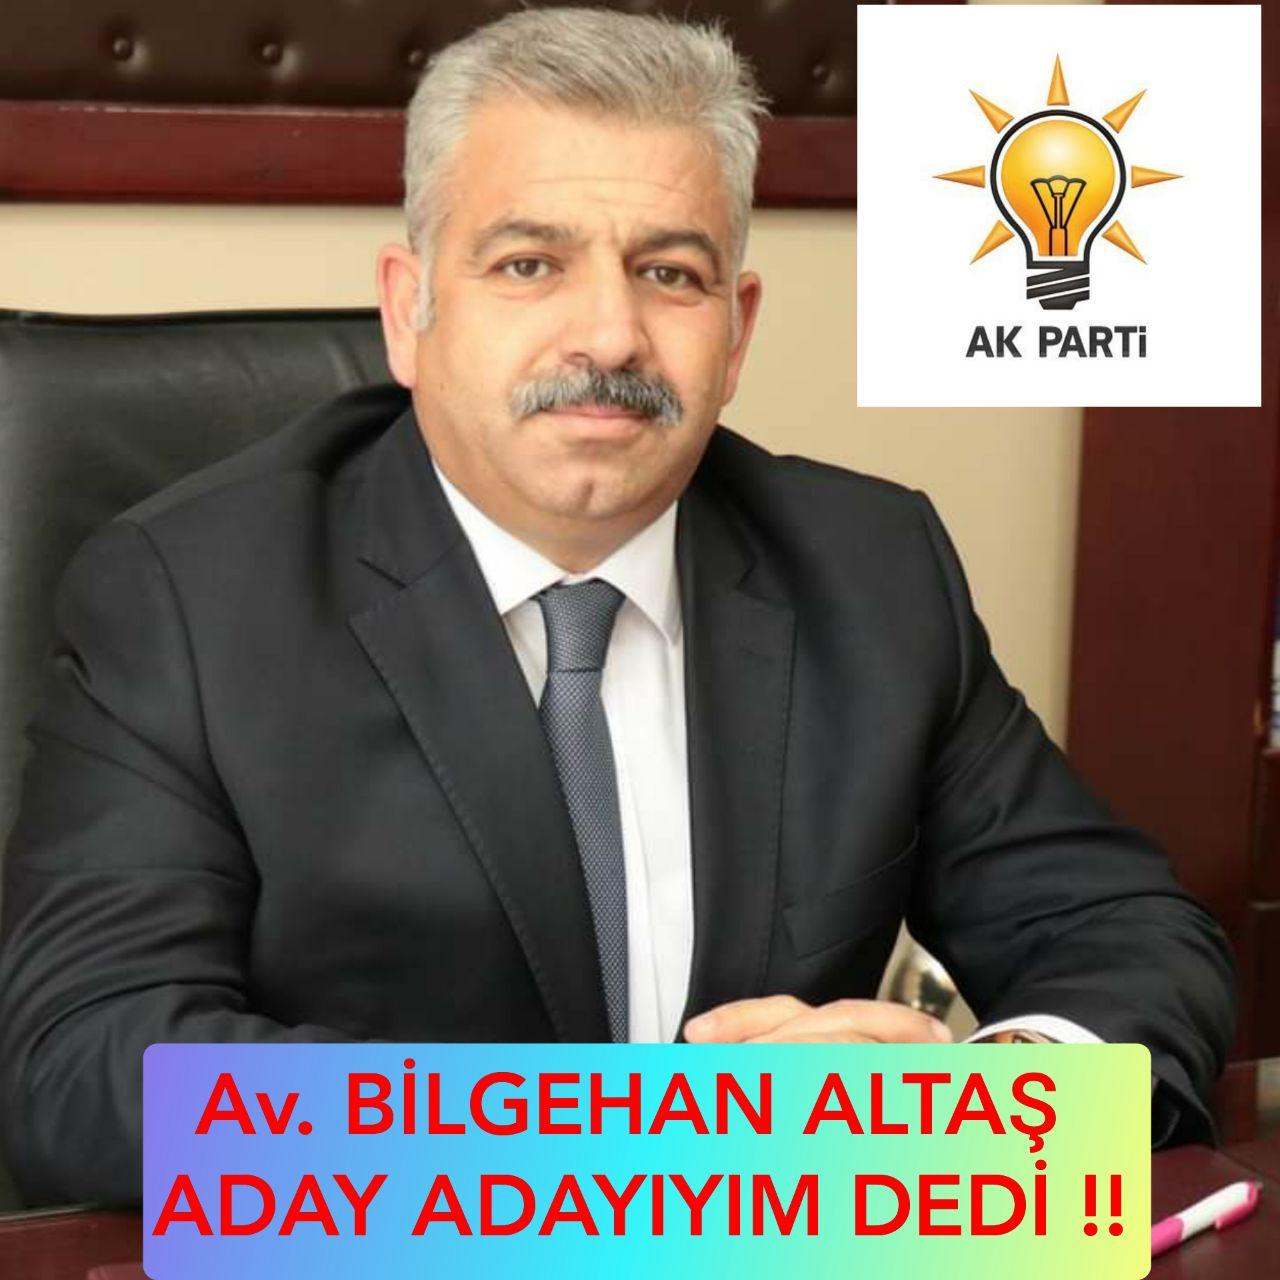 Hukukçu Avukat Bilgehan ALTAŞ da Aday Adayı